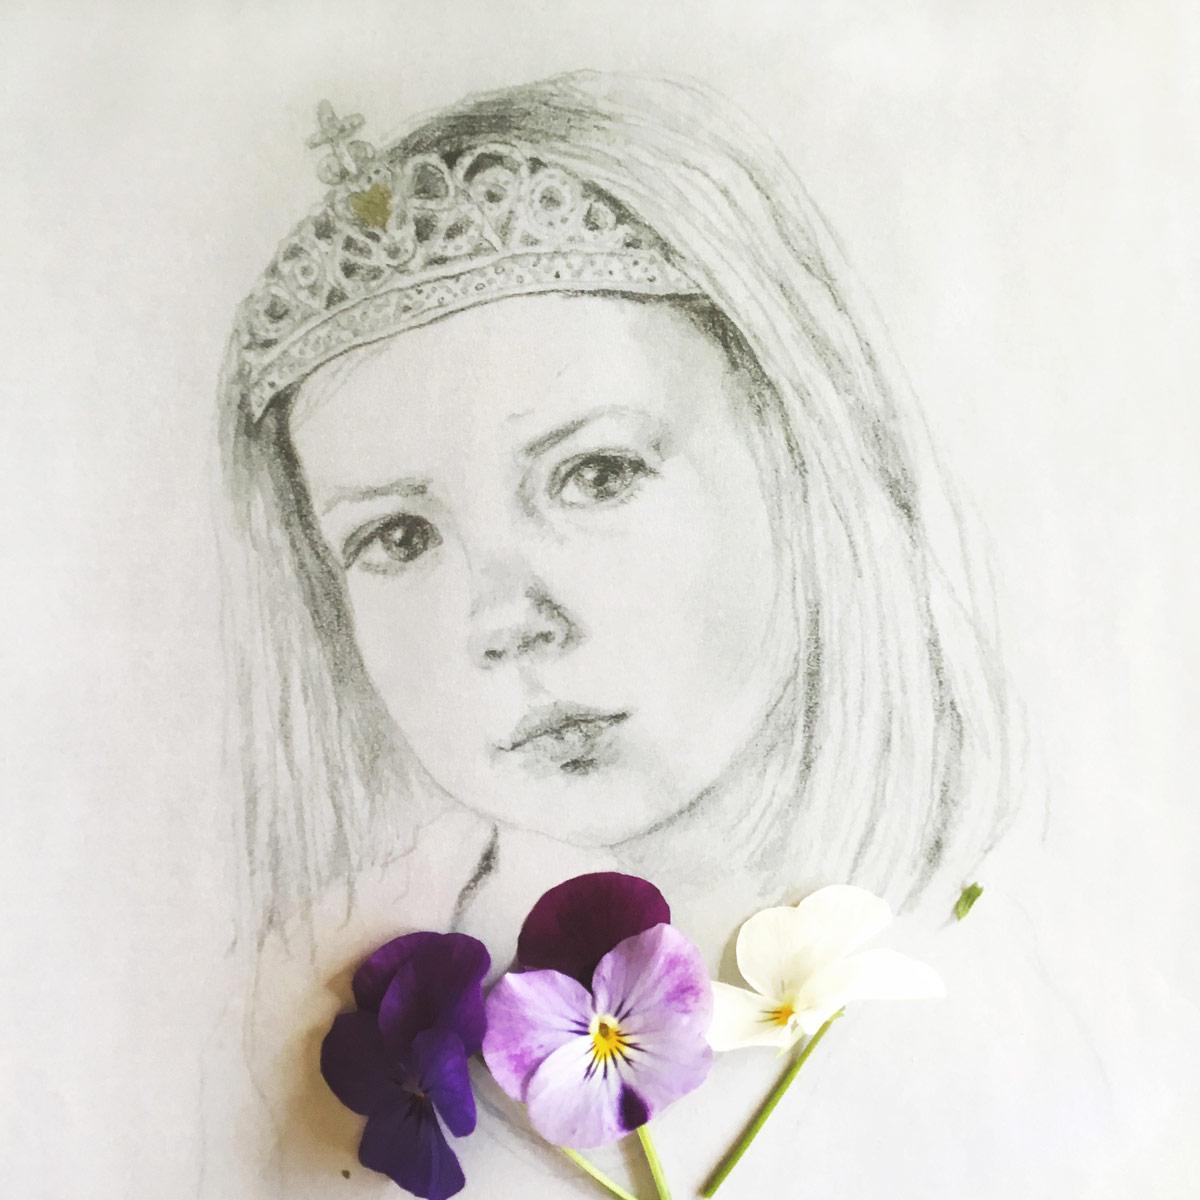 Portret-meisje